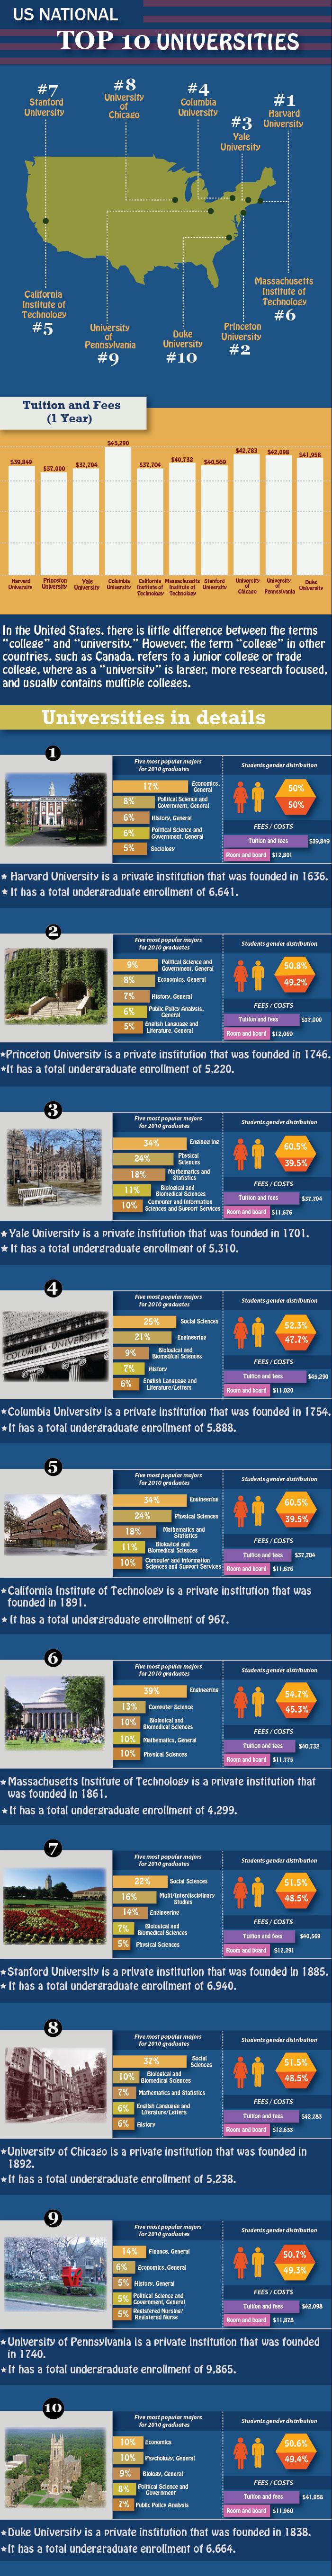 US National Top 10 Universities